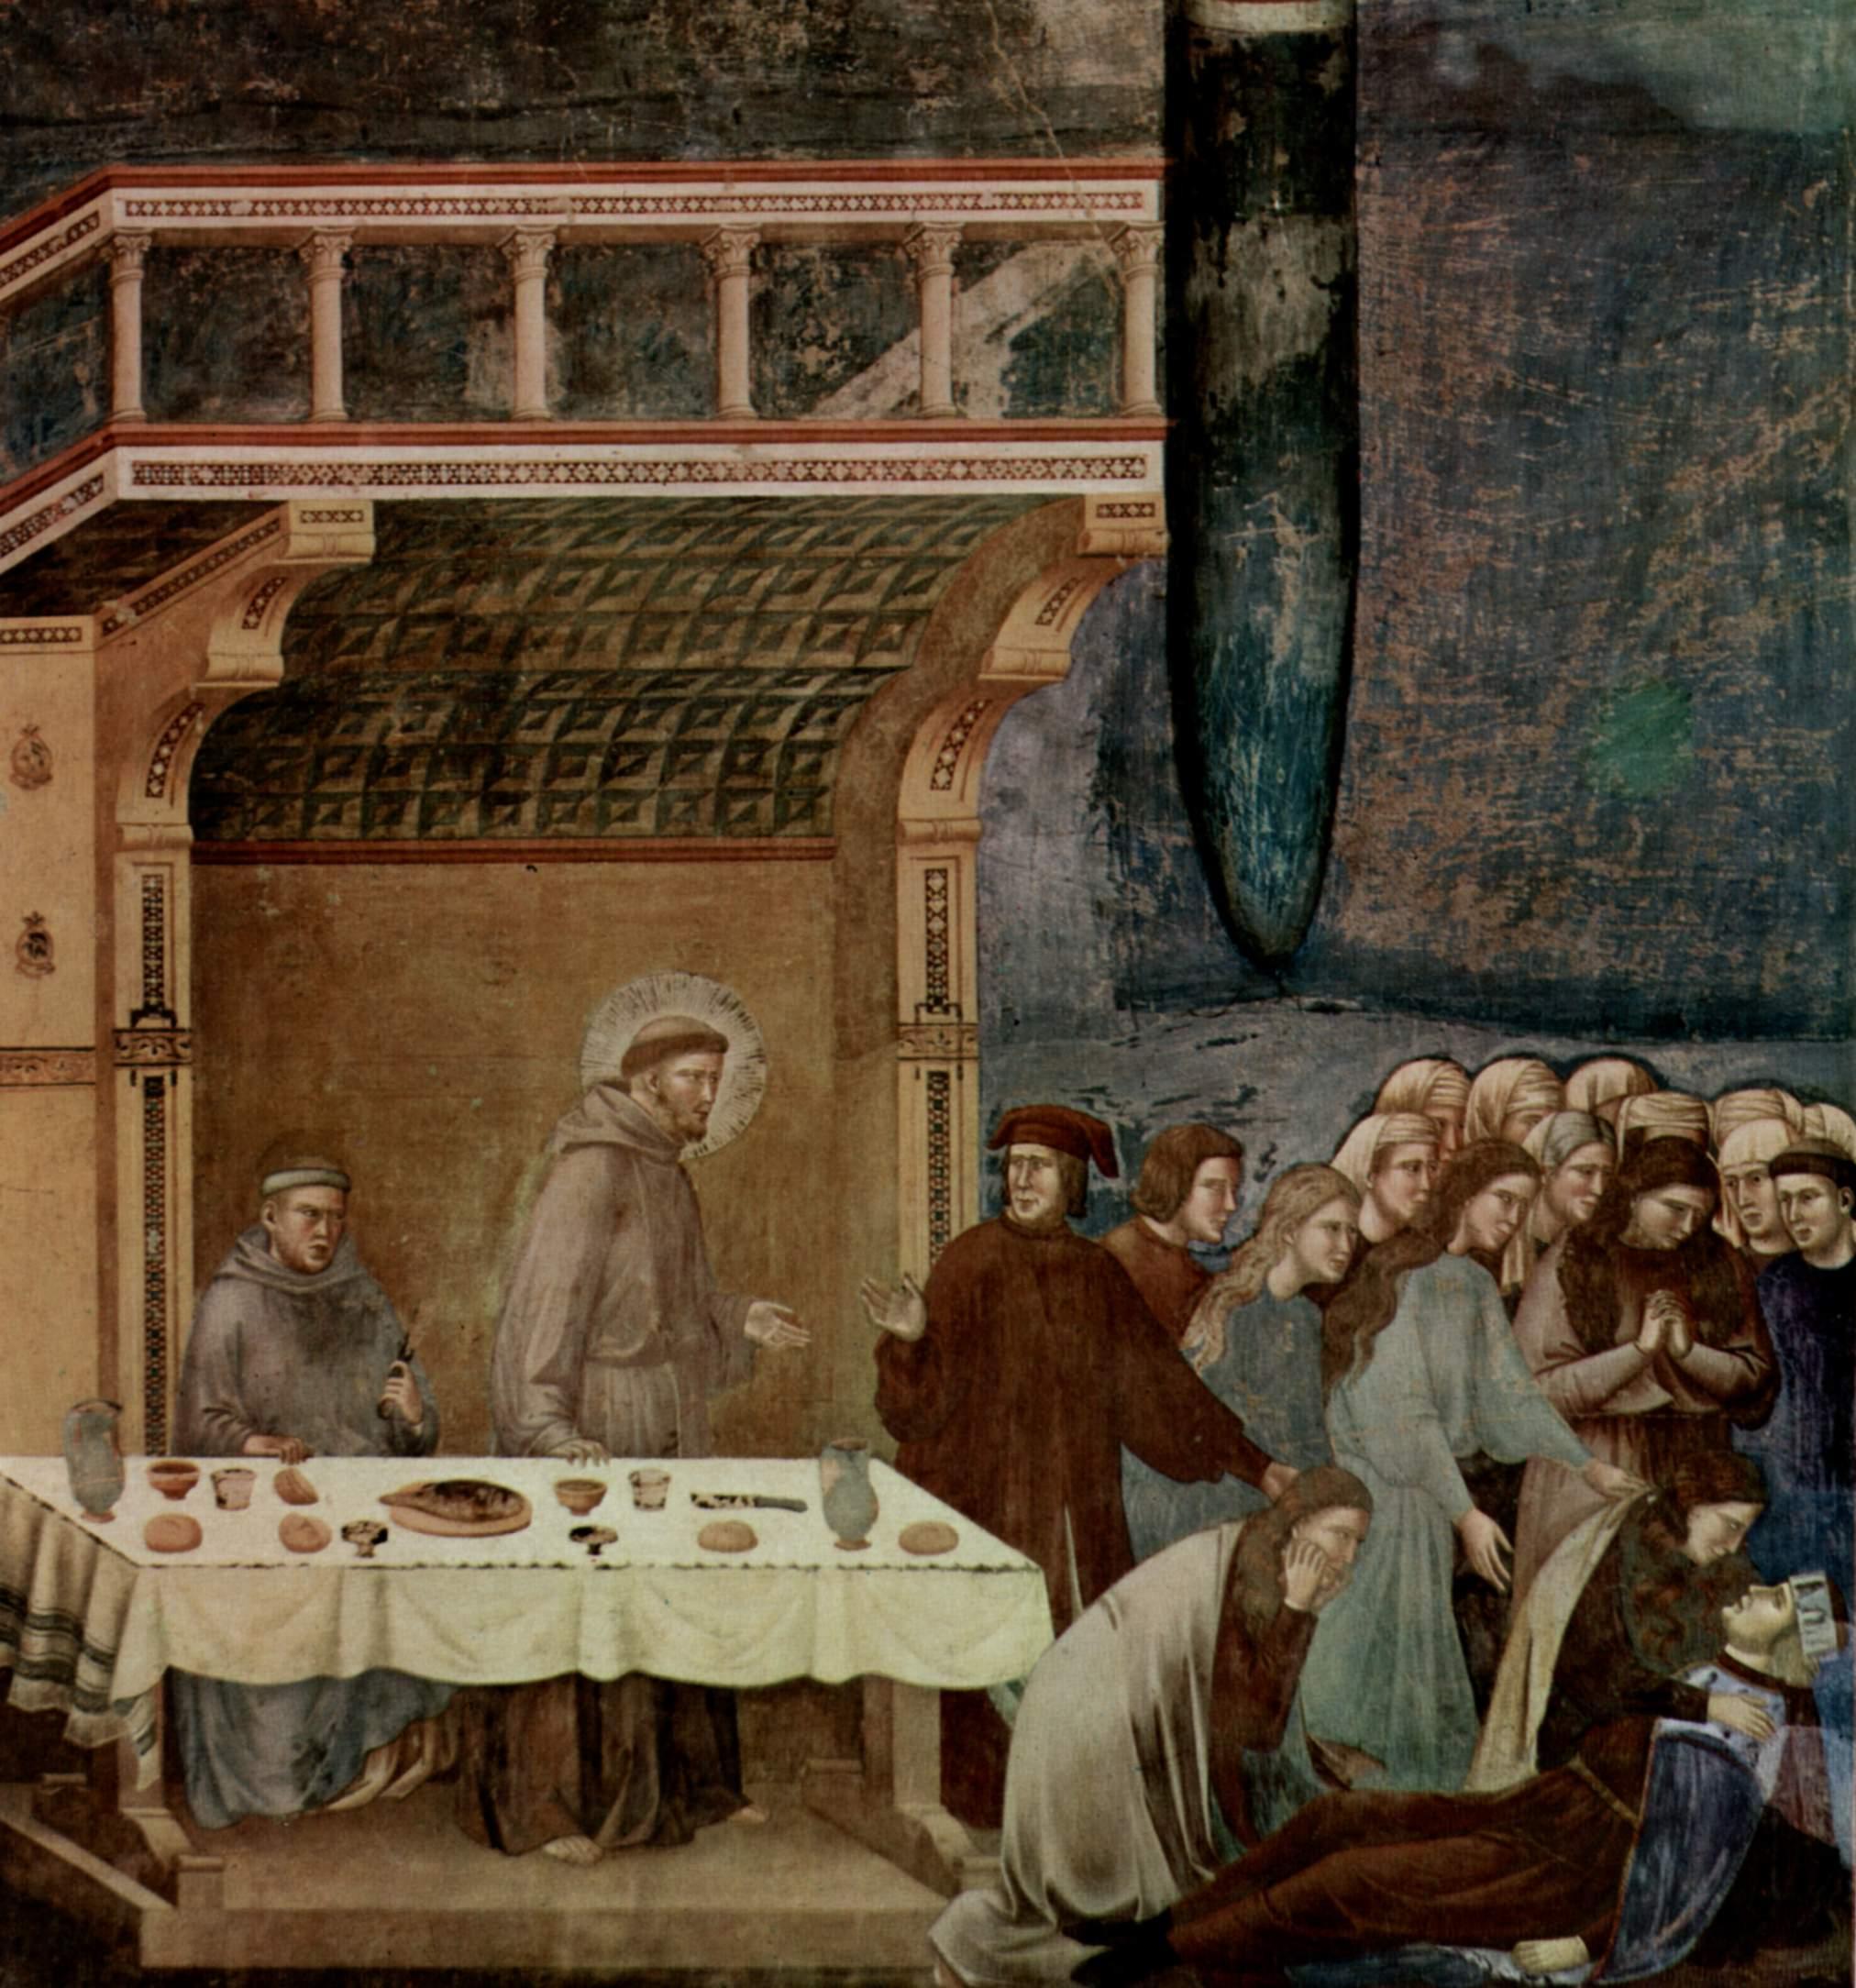 Цикл фресок о жизни св. Франциска Ассизского. Смерть рыцаря из Челано, Джотто ди Бондоне